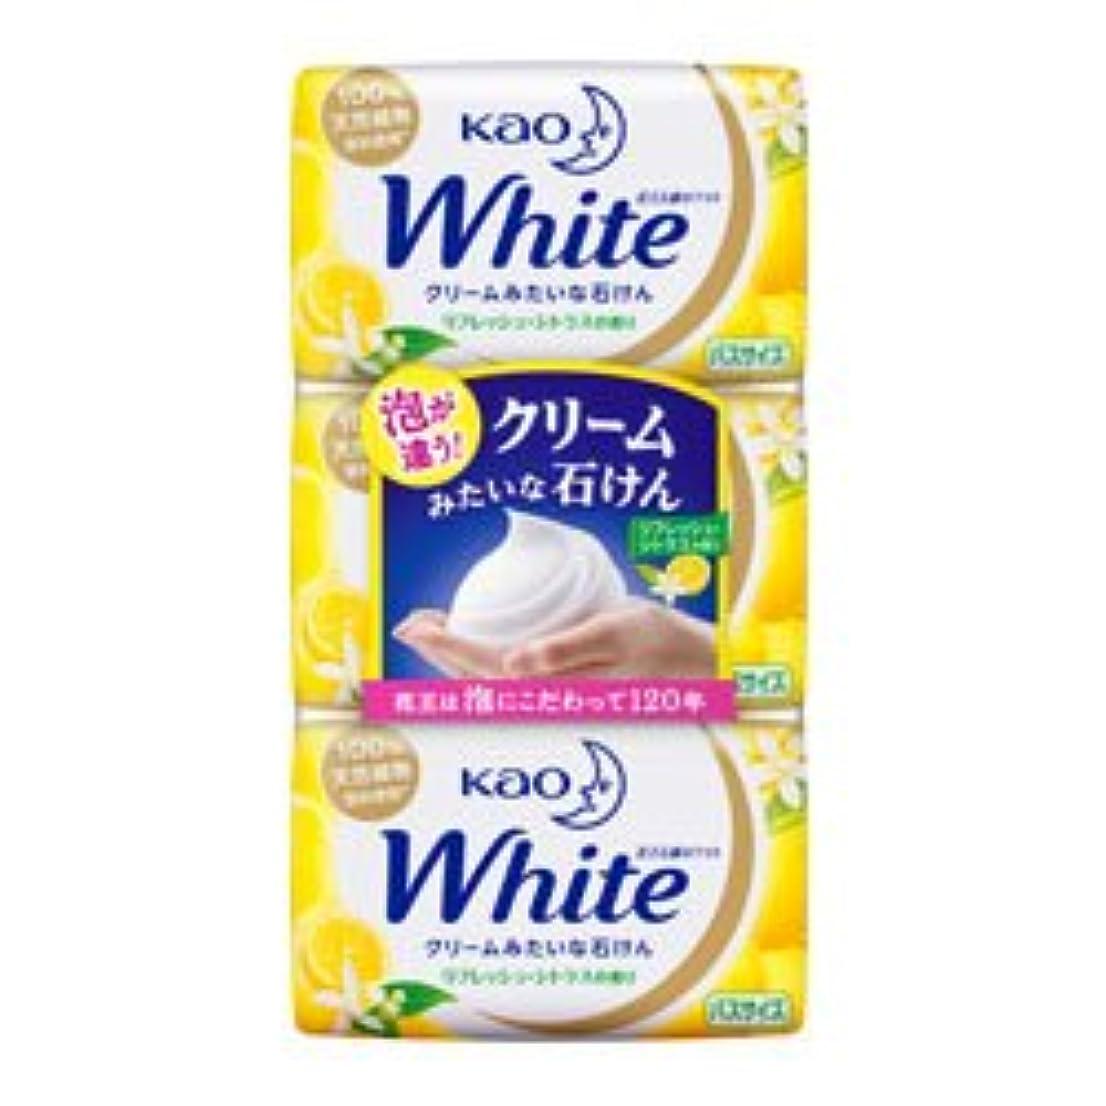 散る興奮するへこみ【花王】ホワイト リフレッシュ?シトラスの香り バスサイズ 130g×3個入 ×20個セット